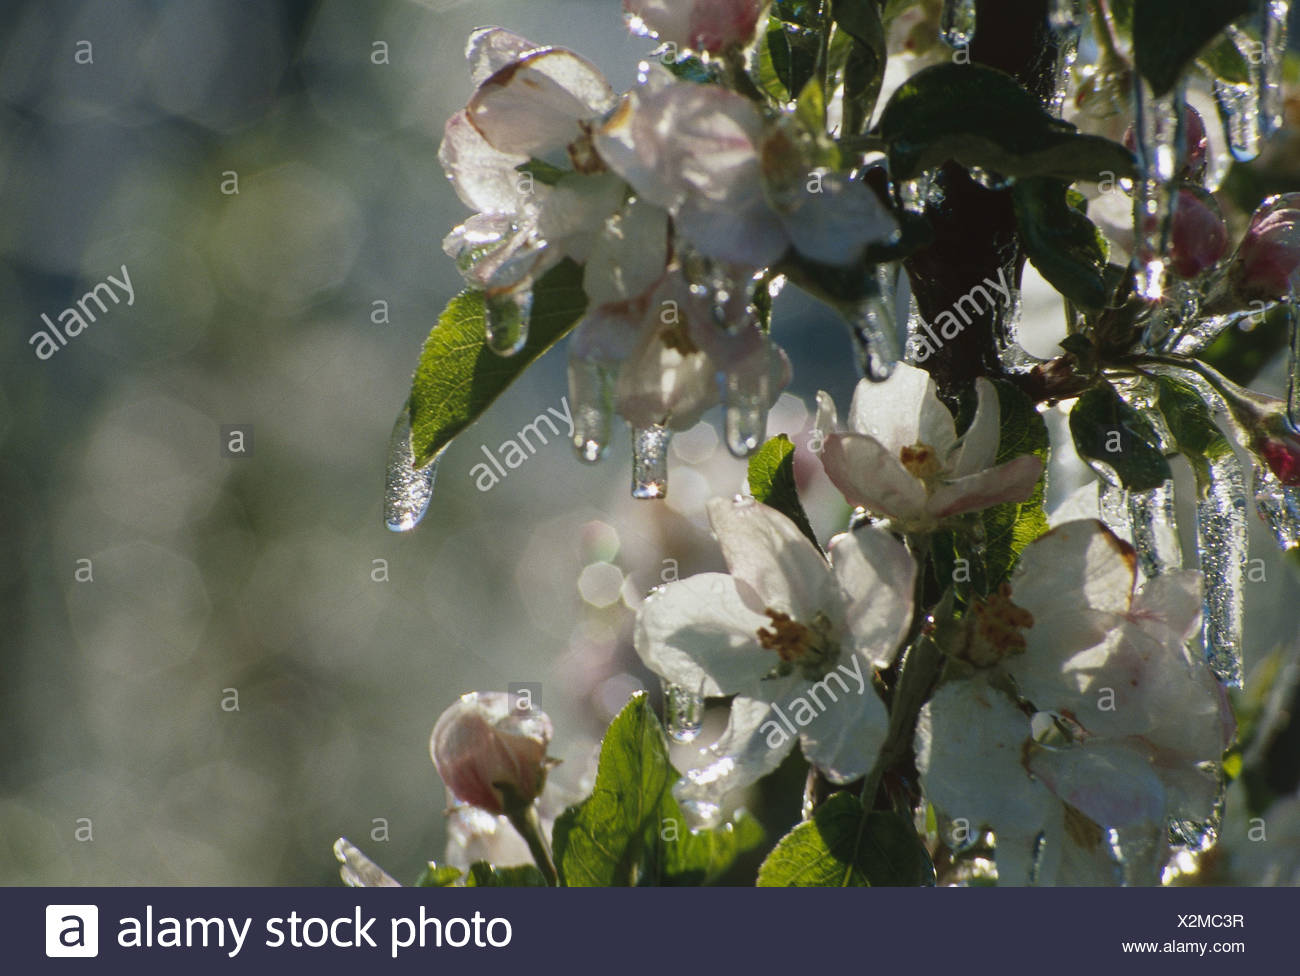 Prächtig Apfel Baum blüht eiskalt Frost Jahreszeiten detail Natur Pflanzen @VQ_77